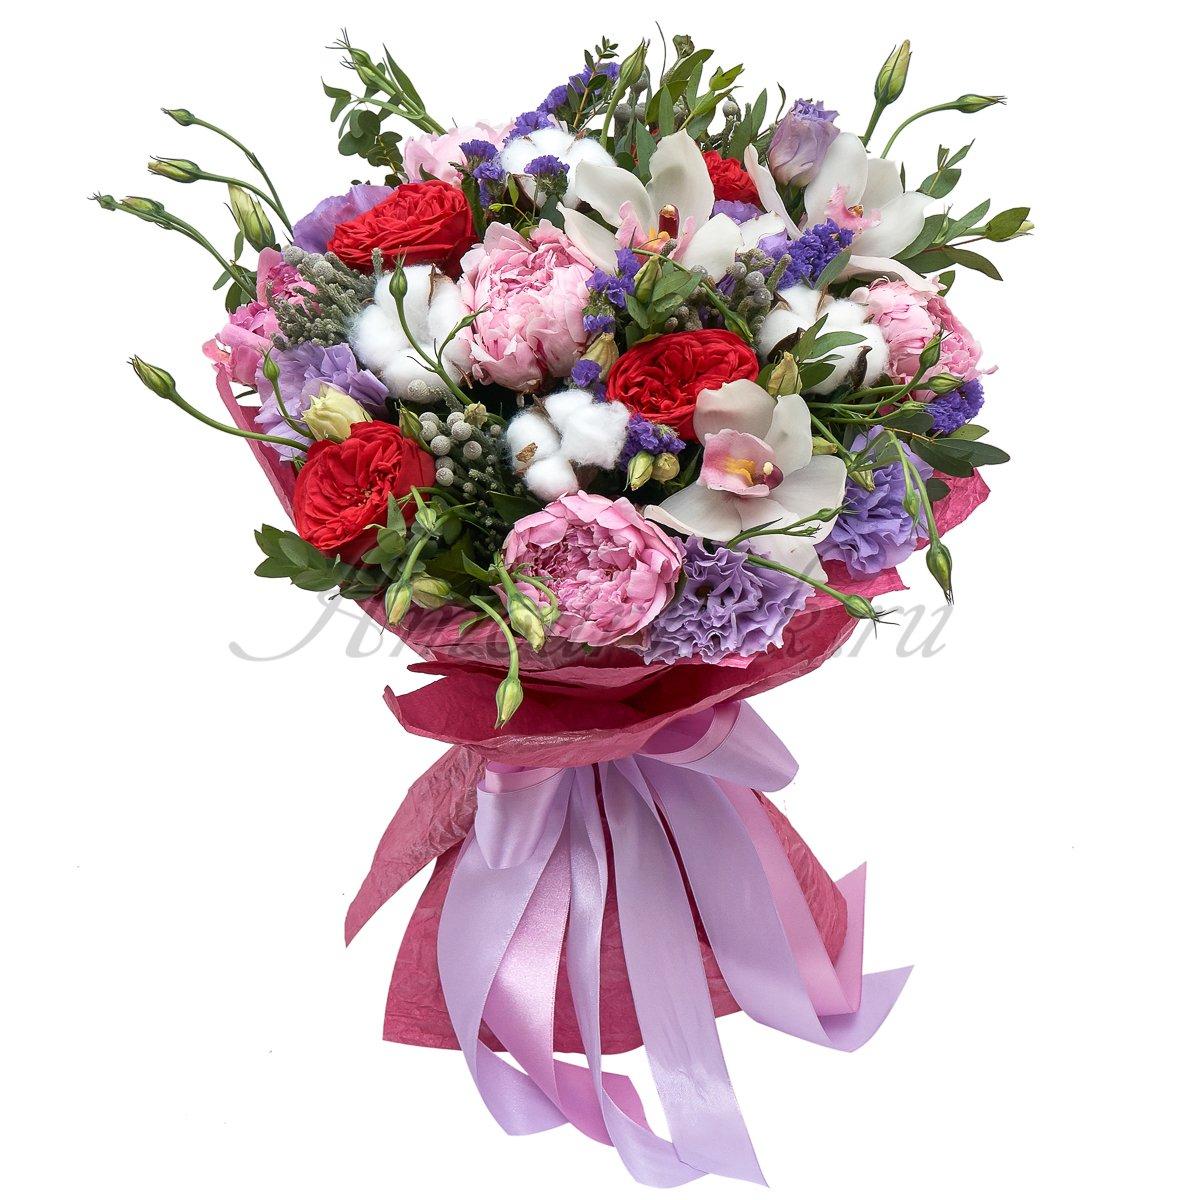 Дешевые цветы с доставкой новосибирск купить цветы гладиолусов в москве